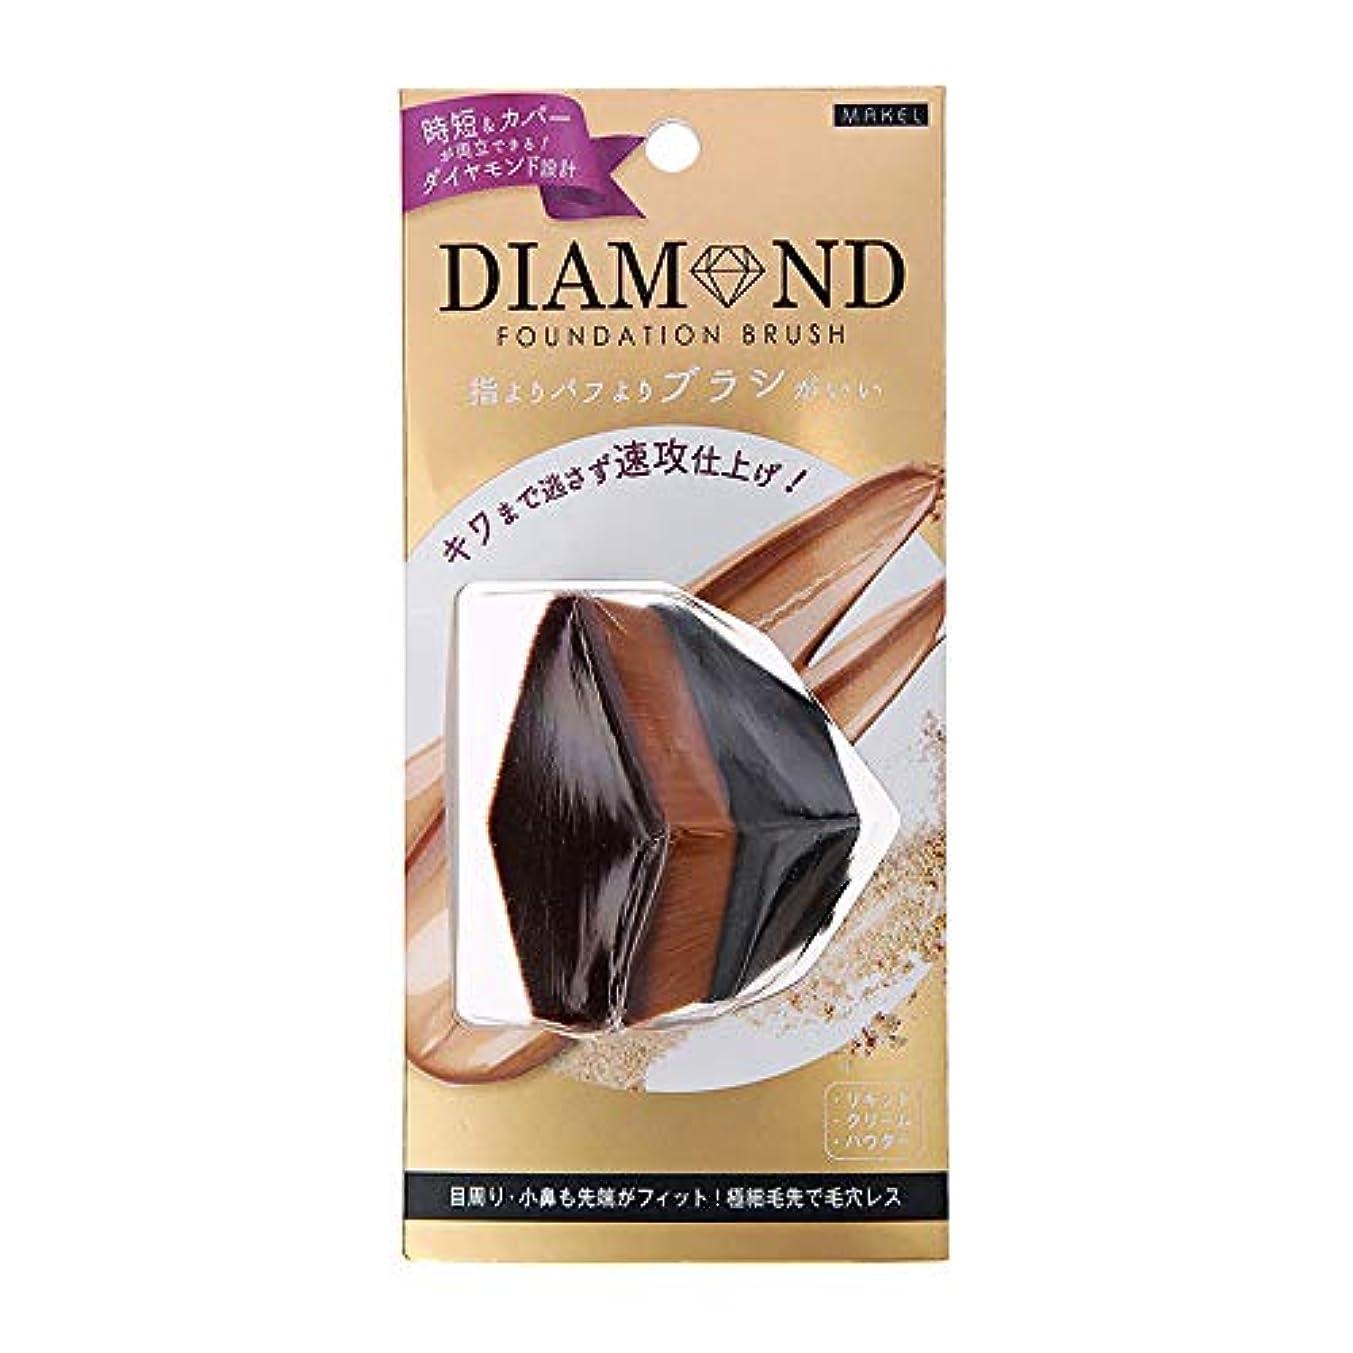 に関して住人フローティングダイヤモンドファンデーションブラシ(ブラック) DIB1500